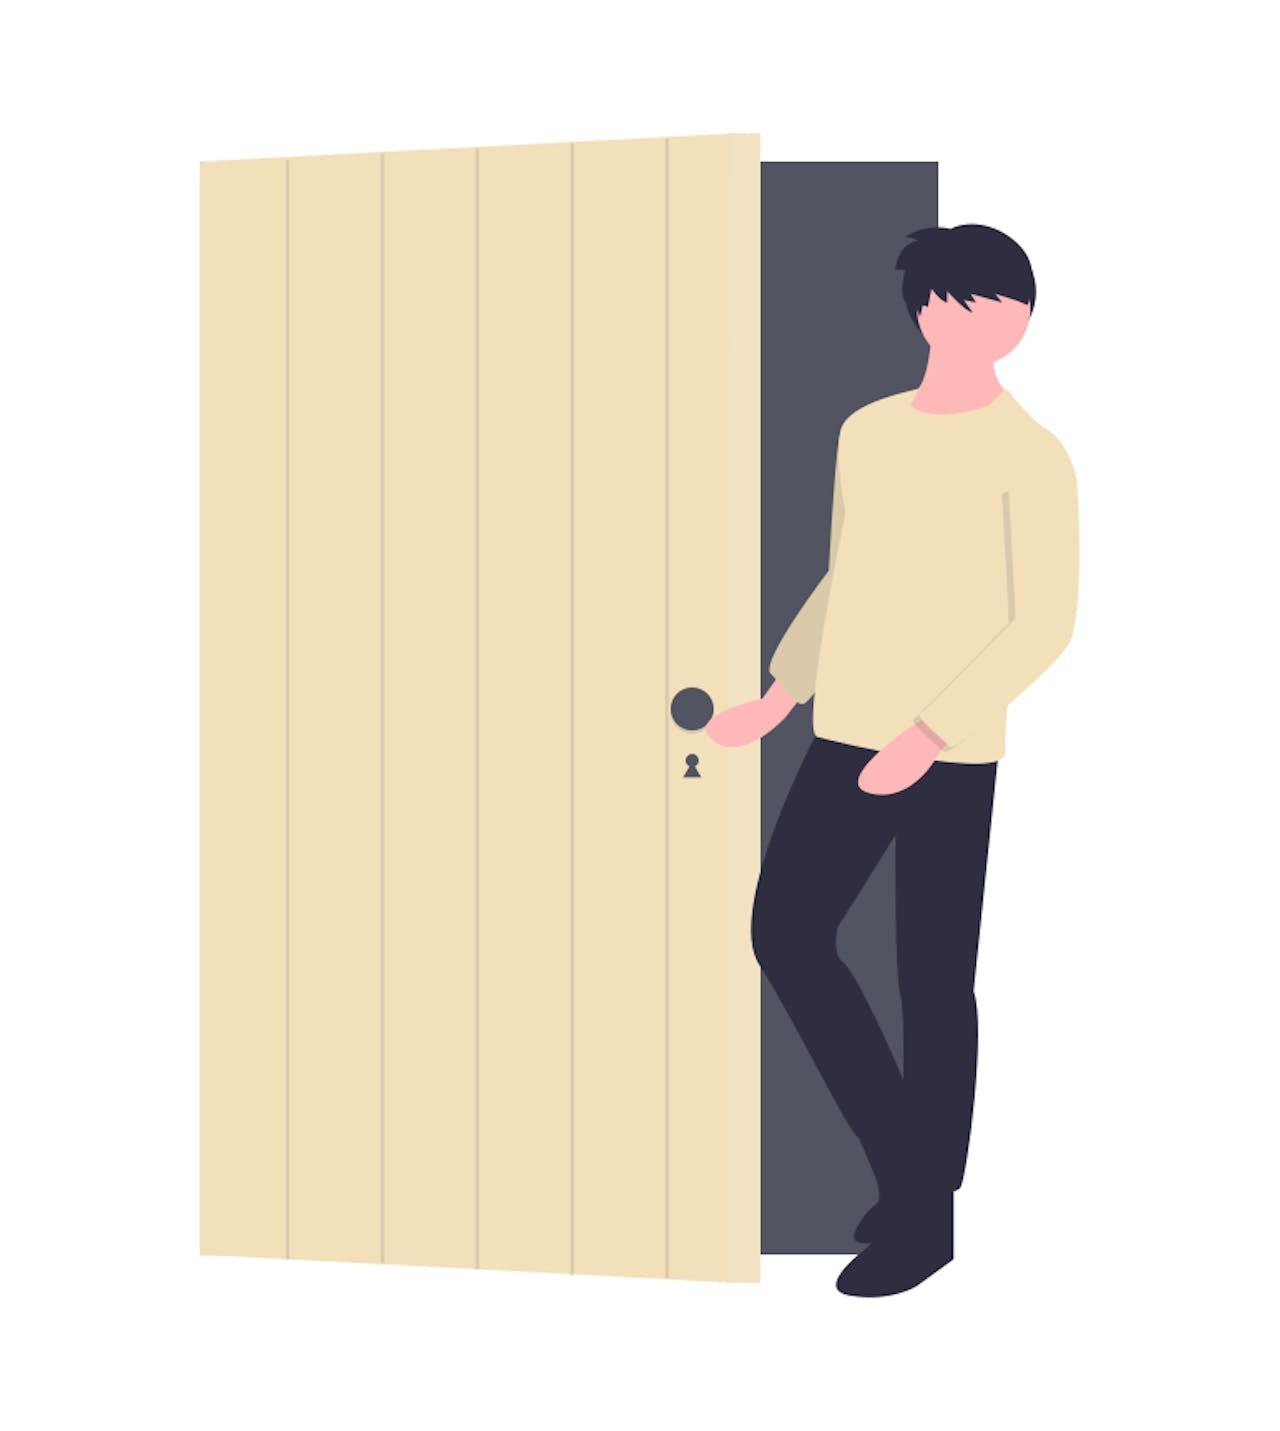 Animierter Mensch öffnet eine Tür